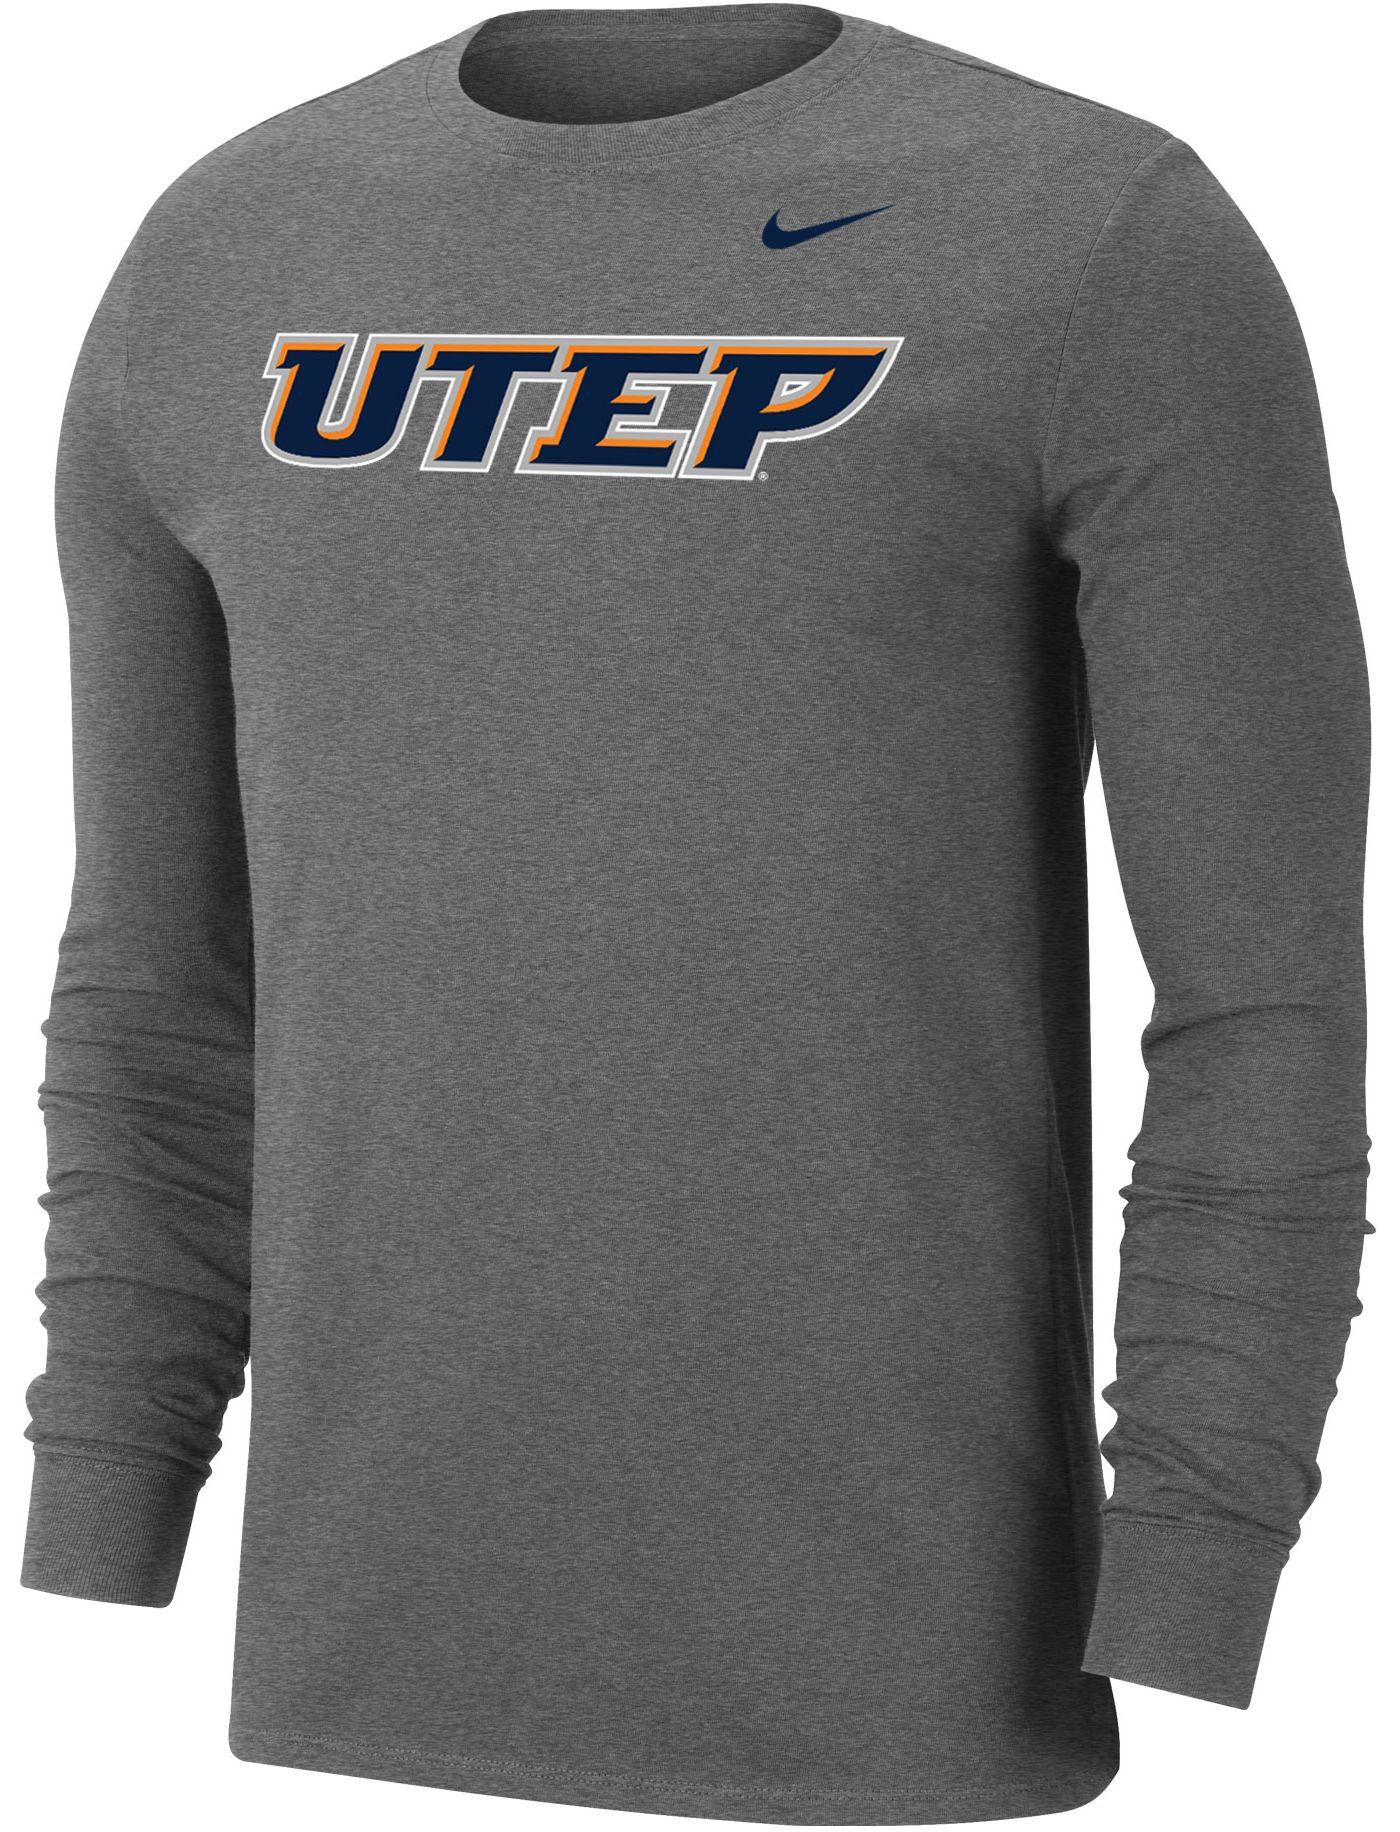 Nike Men's UTEP Miners Grey Wordmark Long Sleeve T-Shirt